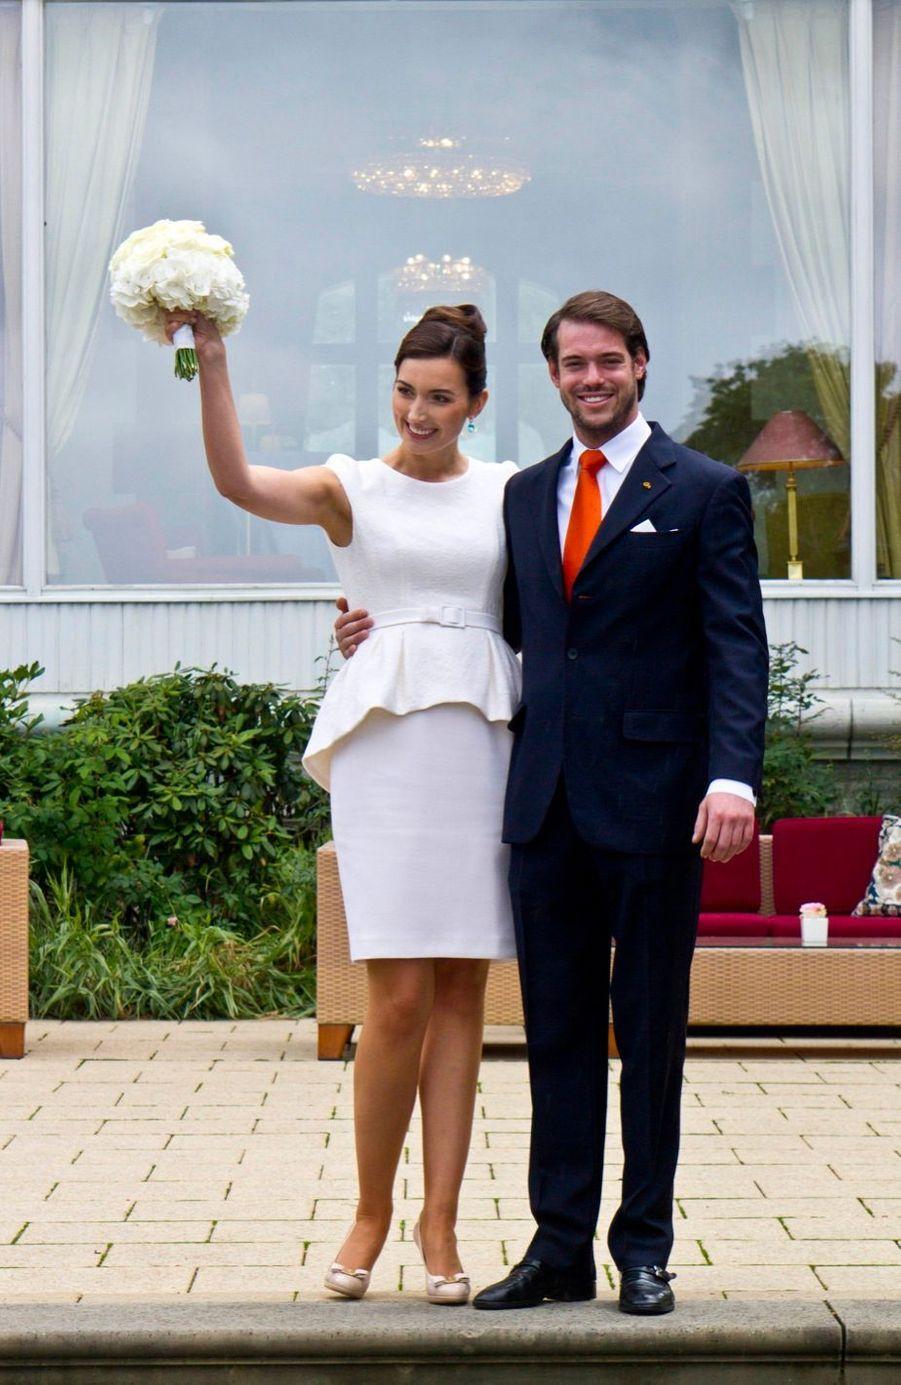 Le mariage civil de Claire et Félix de Luxembourg